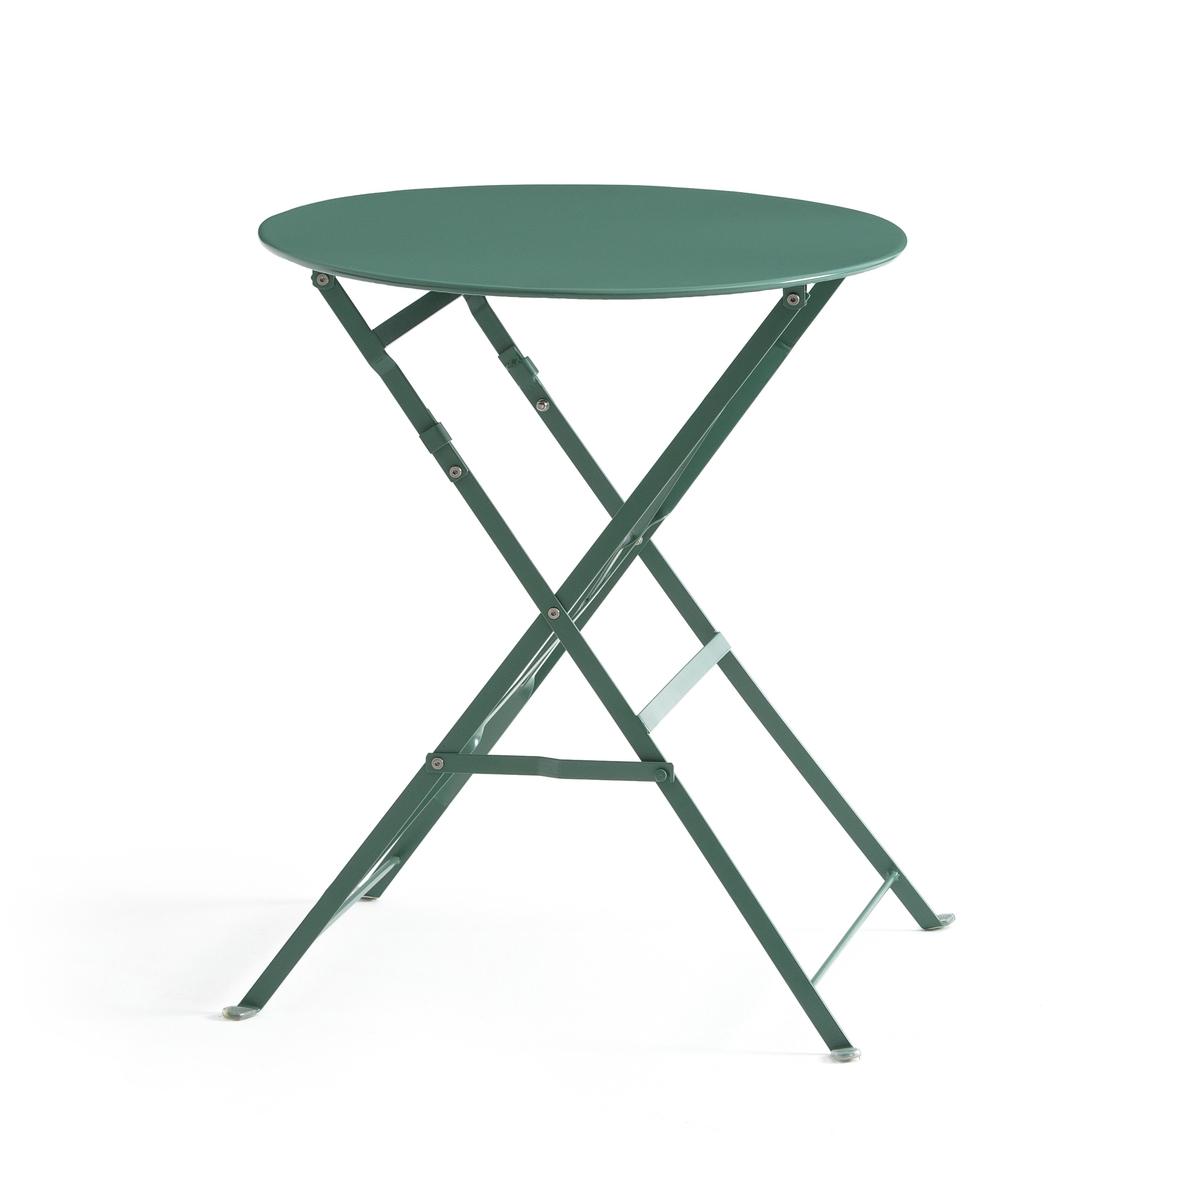 Столик складной из металла OZEVANИдеален для небольших помещений, дома или в саду, небольшой металлический столик легко складывается и собирается.Характеристики складного столика OZEVAN : - Из металла с цветным лаковым покрытием. -Покрытие: эпоксидная эмаль..  Поставляется в собранном виде.  Размеры : - Общие : ? 60 x В70 см. - В собранном виде : толщина 5 см.  Идея для декора : для ужина тет-а-тет на балконе или внутри помещения в качестве вспомогательного столика : эта яркая модель собирается без усилий !  *Металл с антикоррозийной обработкой и покрытием эпоксидной эмалью делает этот столик  удобным  в использовании и устойчивым к ржавчине и неблагоприятным погодным условиям. Легкий, просто перемещать и хранить.<br><br>Цвет: Зеленый эвкалипт,серый,синий прусский,терракота